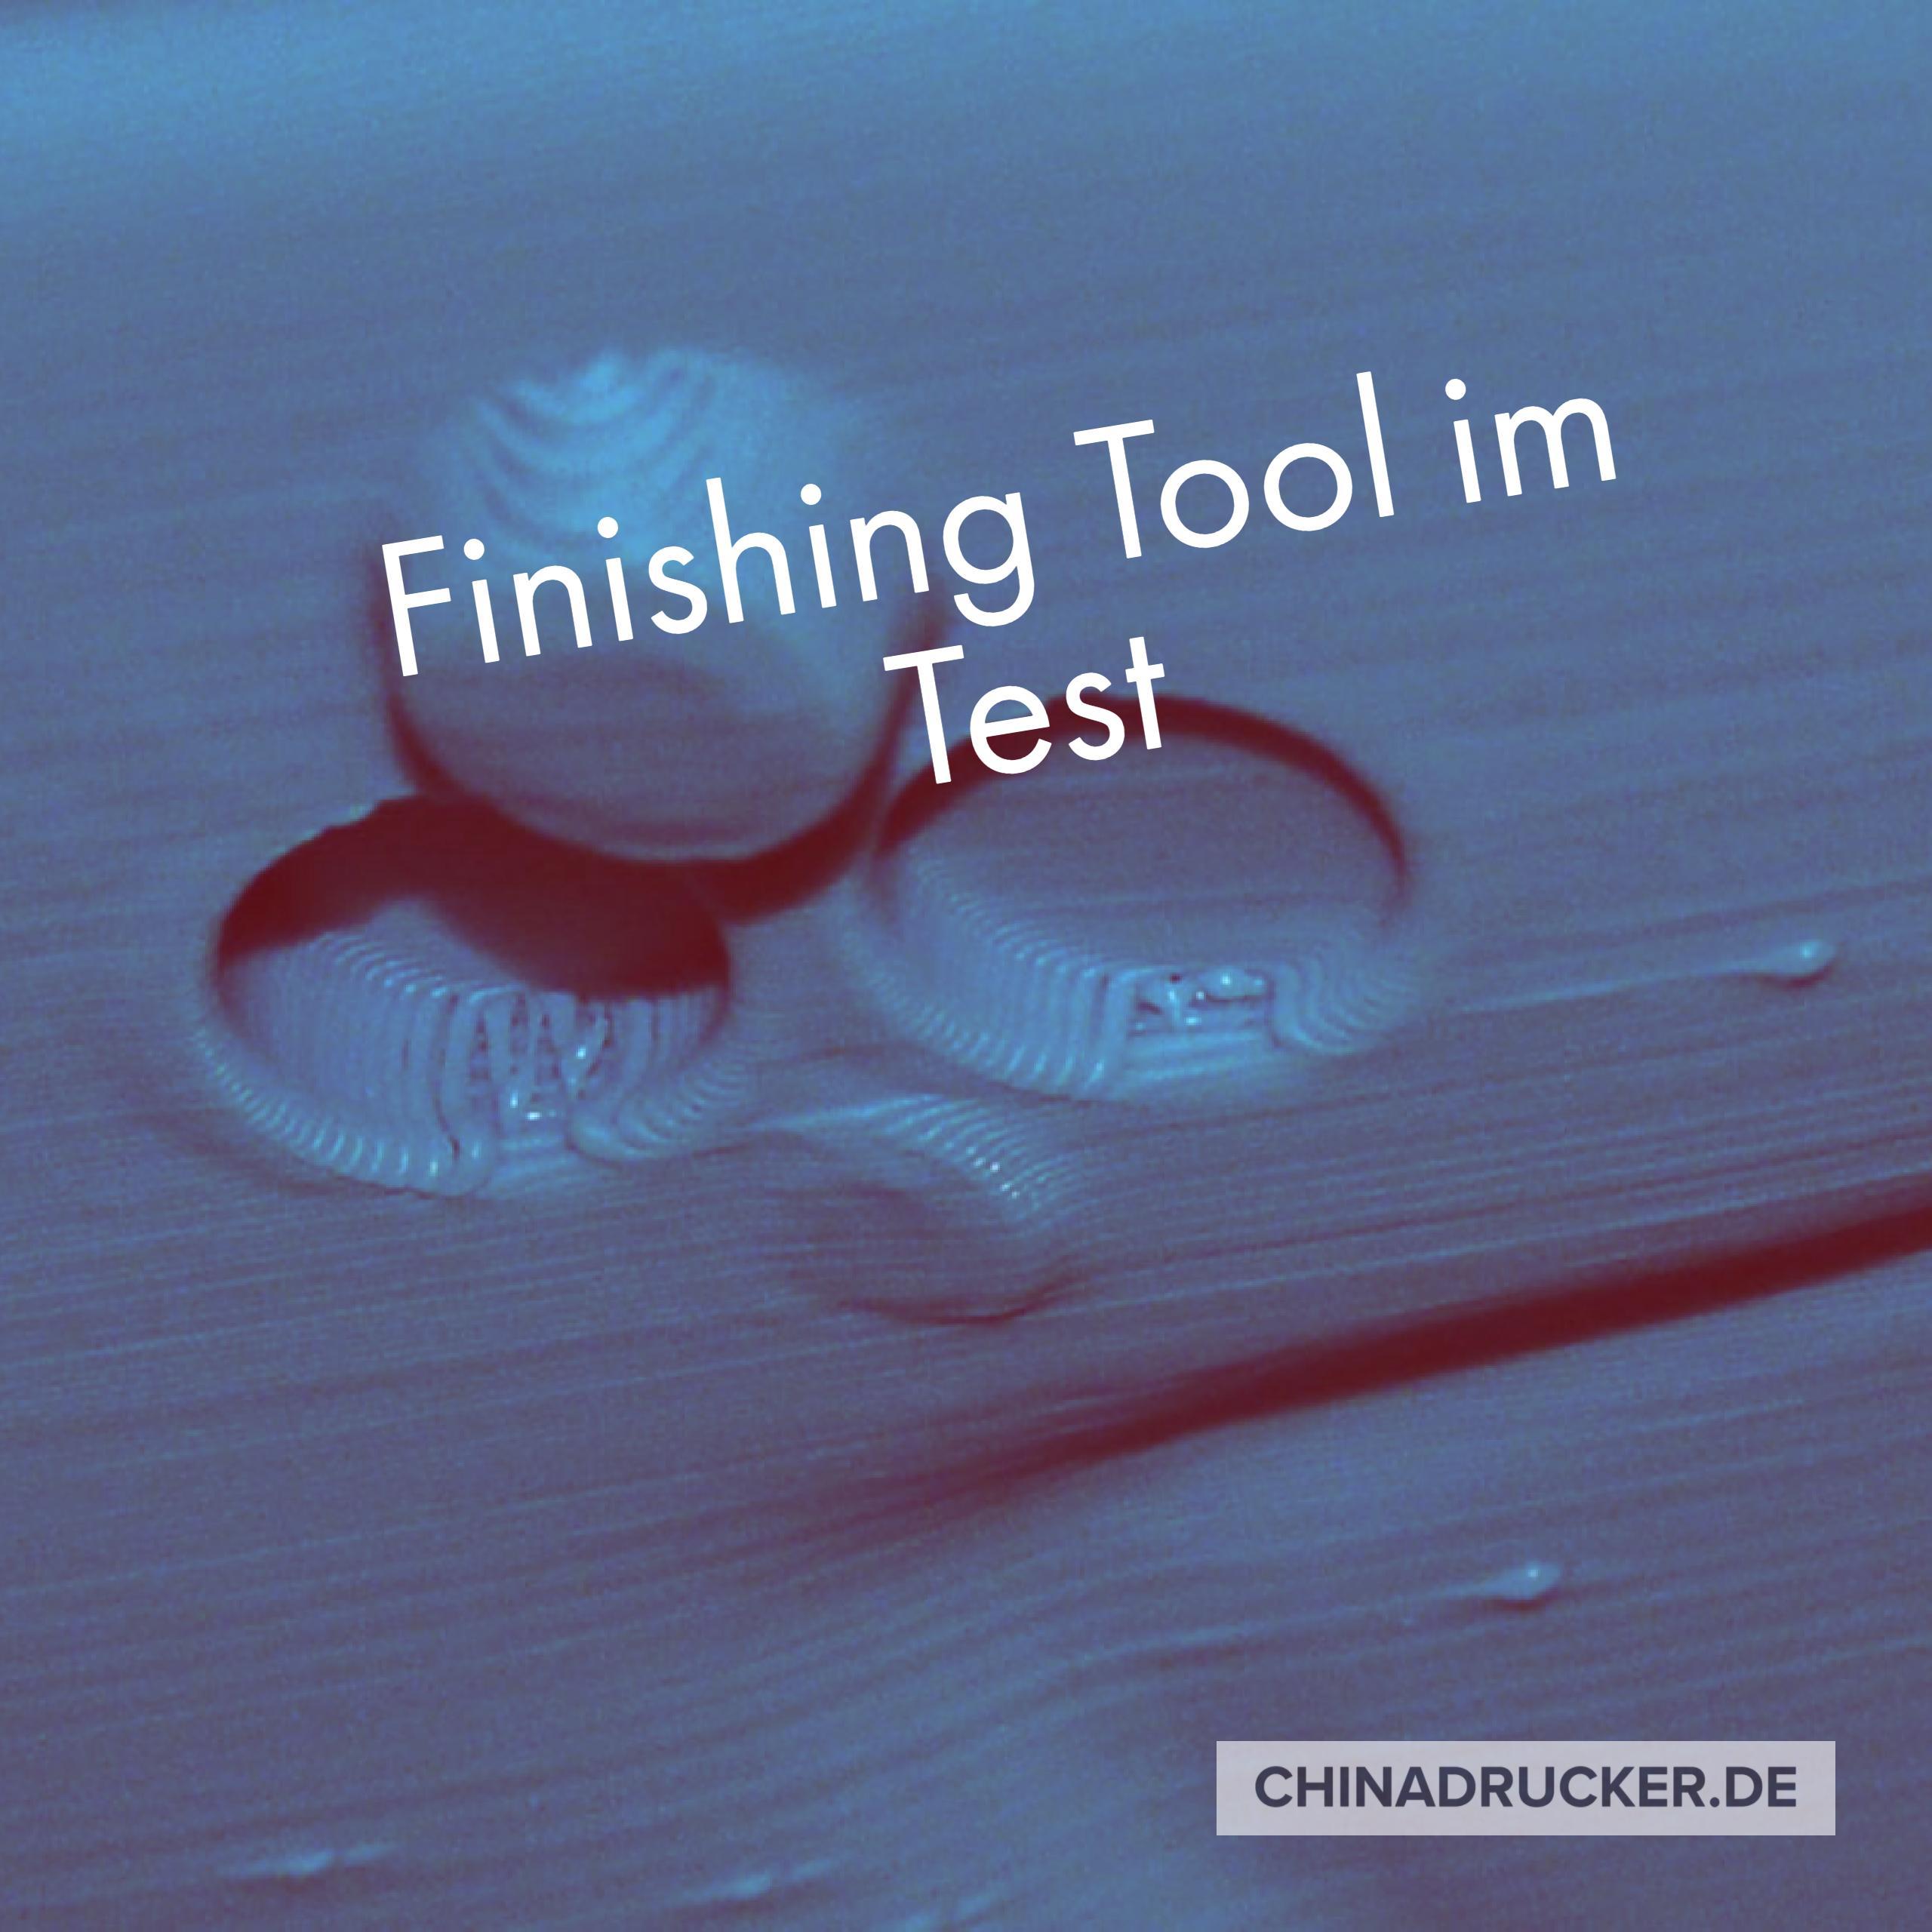 Finishing-Tool zur Nachbearbeitung von 3D-Druck-Objekten im Test